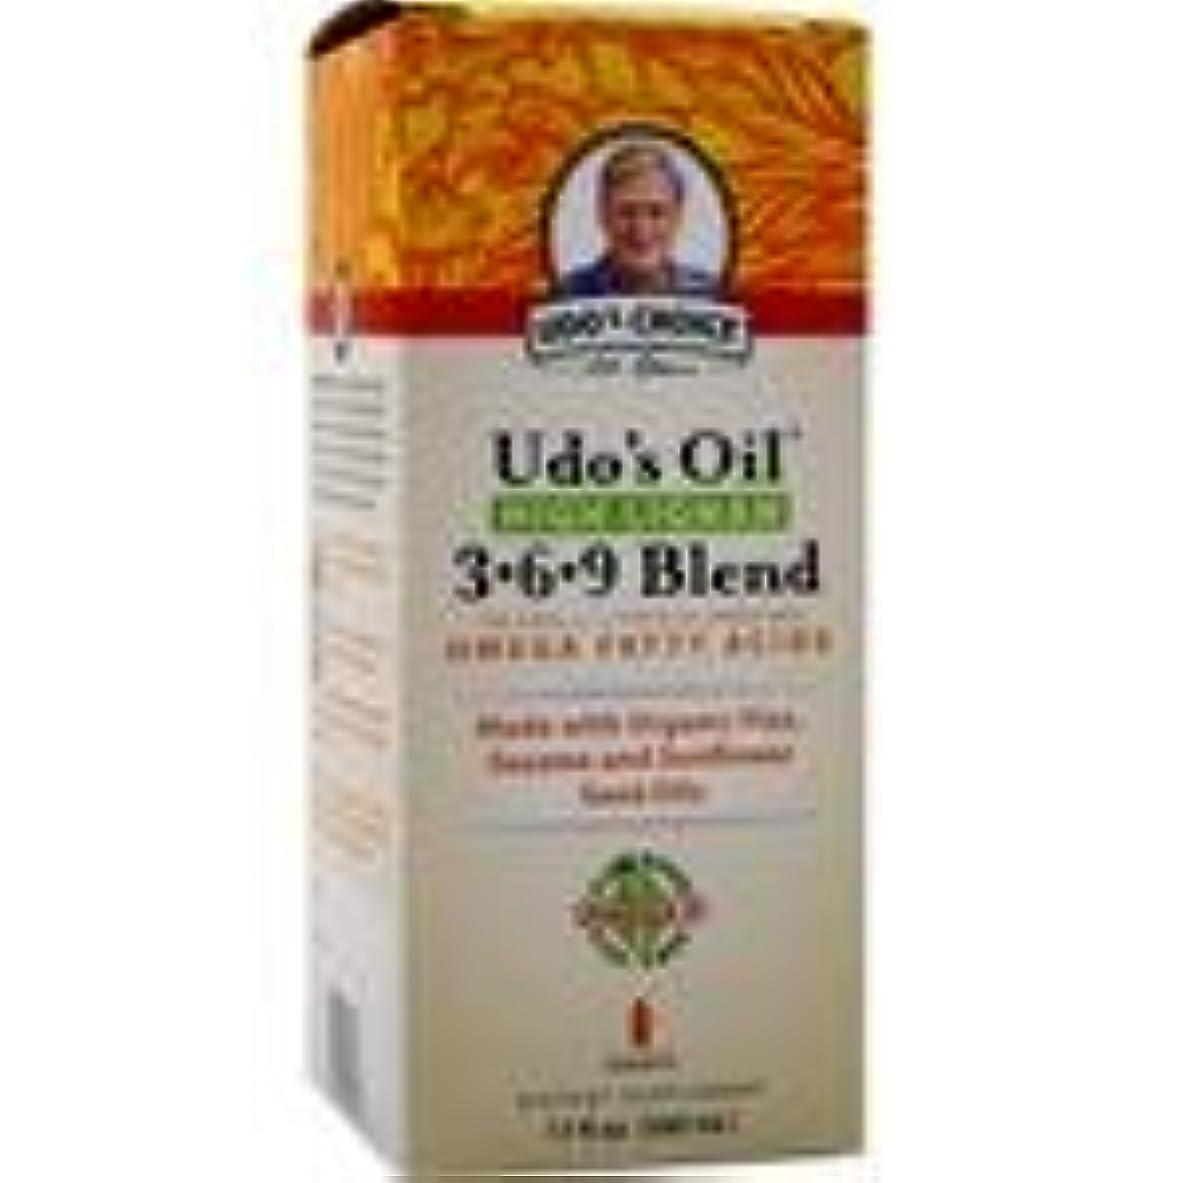 相対的マイクロフォン受動的Udo's Oil High Lignan 3-6-9 Blend 17 fl.oz 2個パック